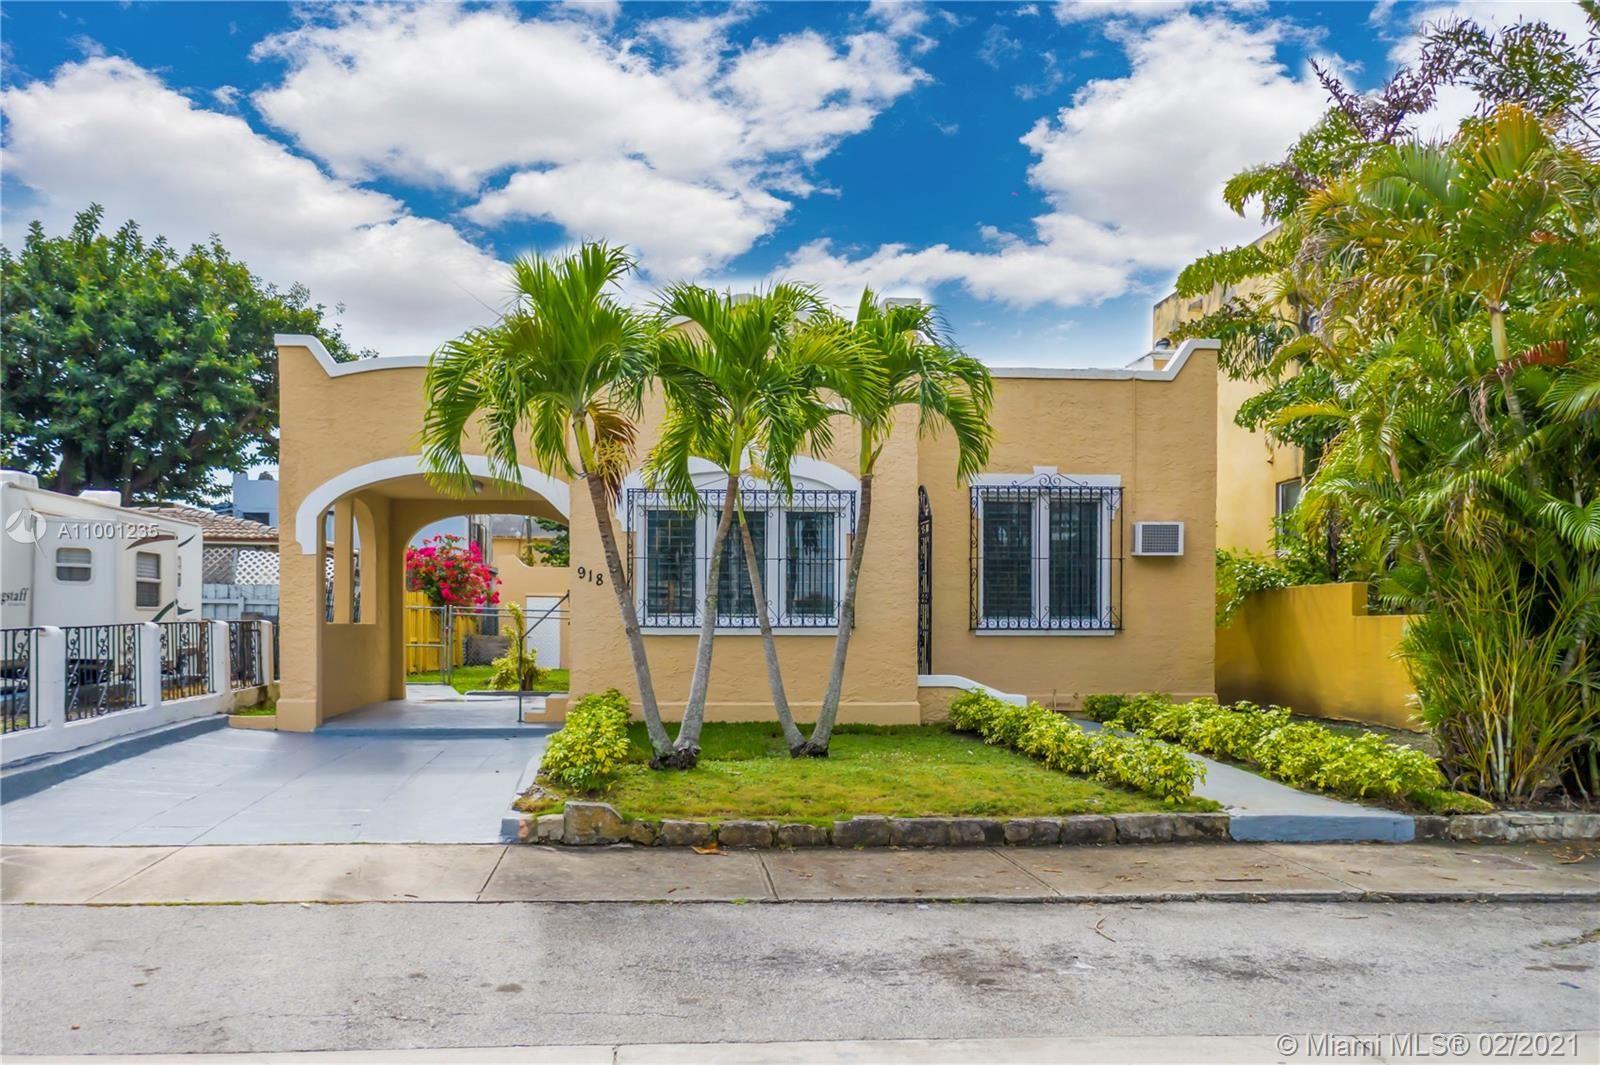 918 SW 10th St, Miami, FL 33130 - #: A11001235